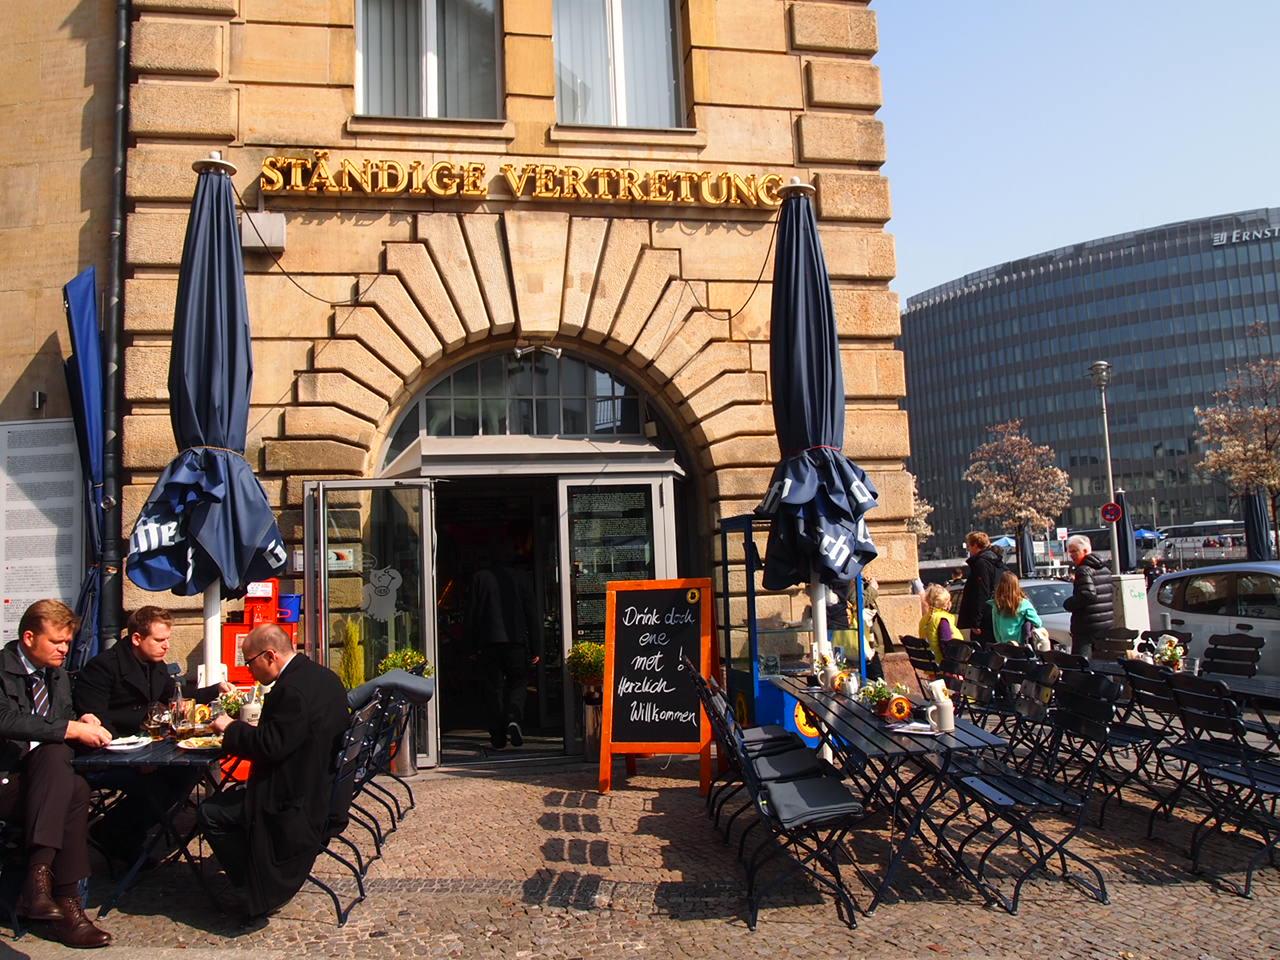 ベルリンのピザが旨い!フラムクーヘンとケルンビールを楽しめるおすすめレストラン